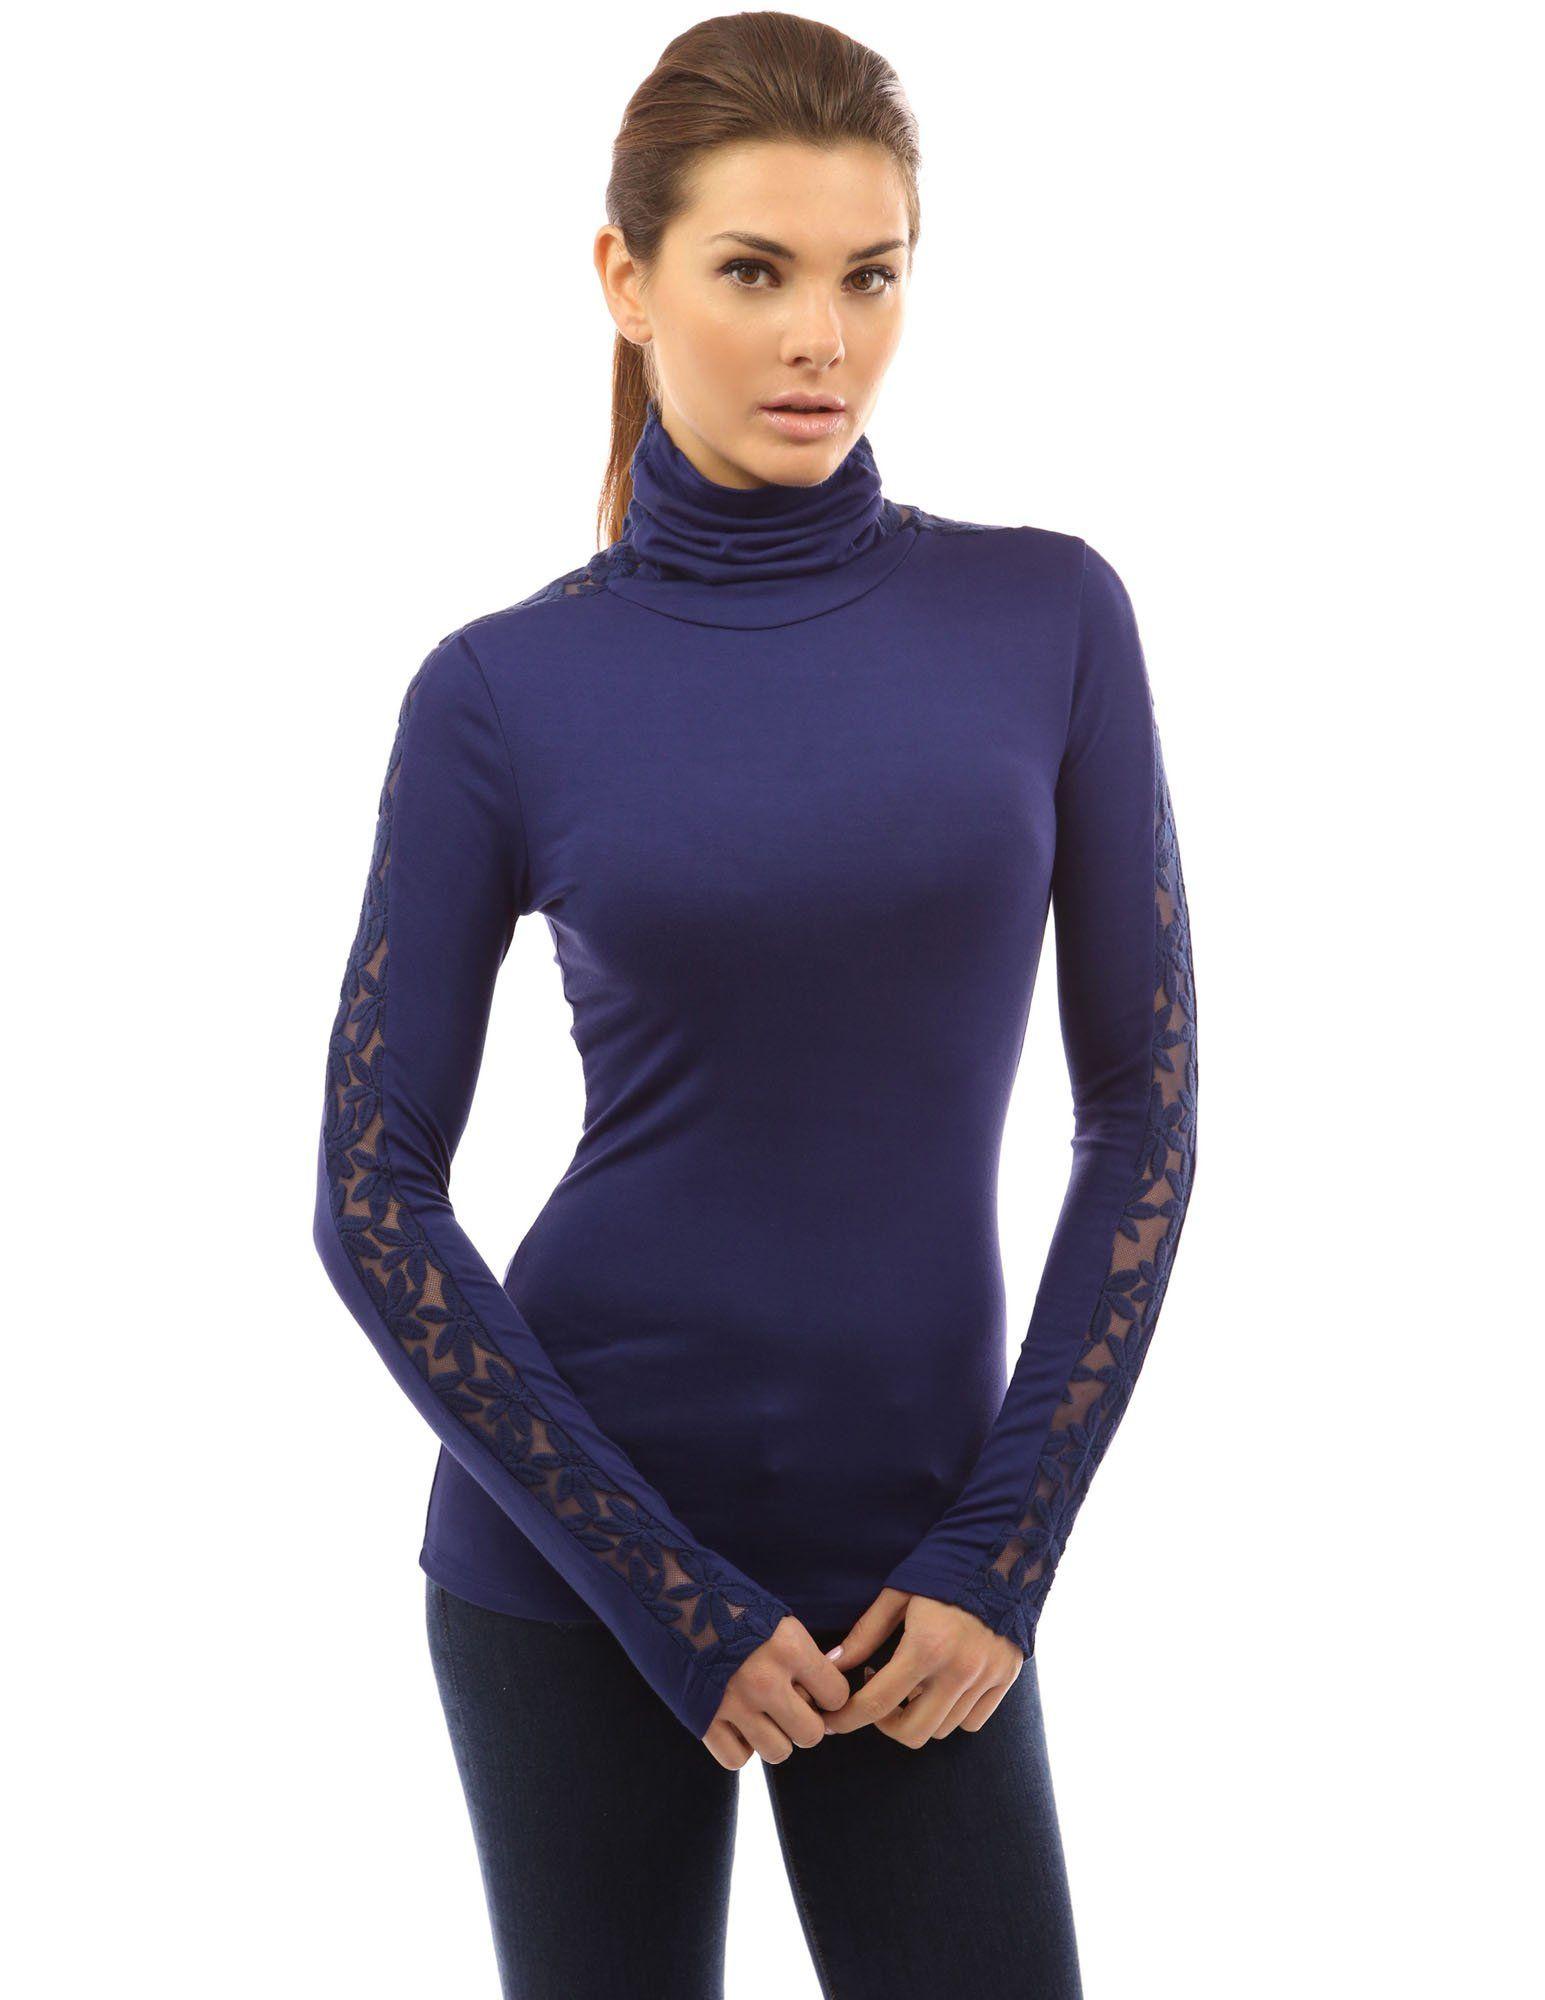 Navy Blue Tall Womens Blouses Lauren Goss